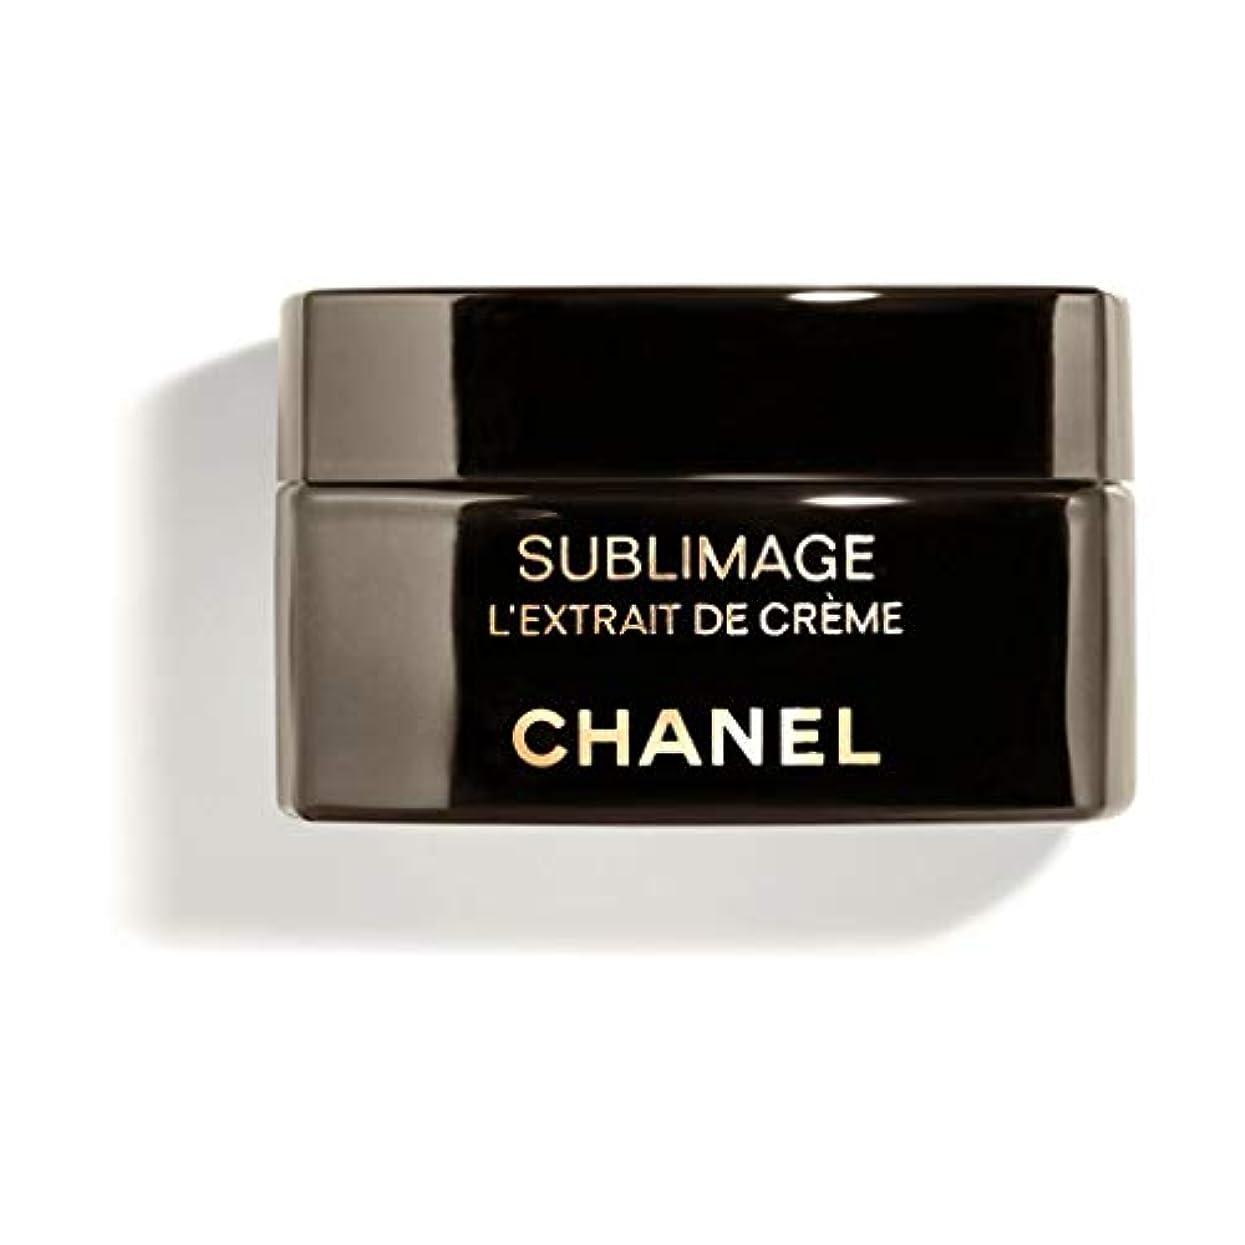 アシスタント利用可能マーカーCHANEL(シャネル) SUBLIMAGE L EXTRAIT DE CREME サブリマージュ レクストレ ドゥ クレーム 50g